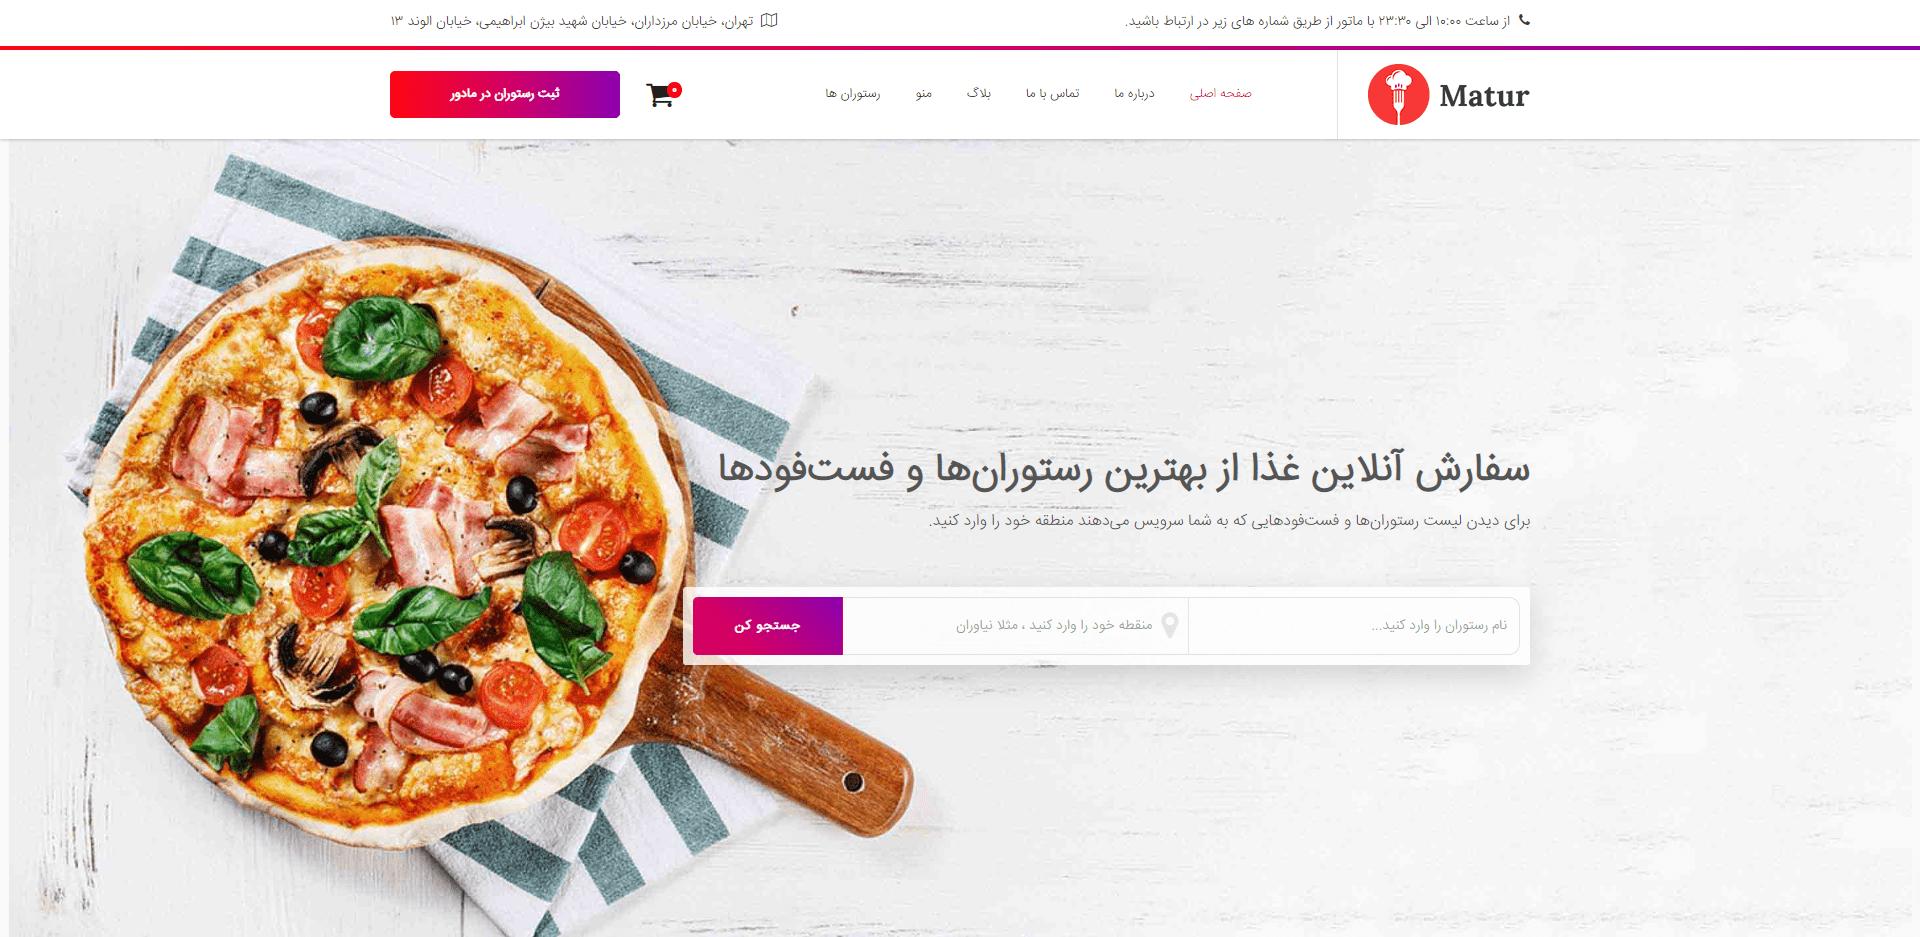 بهترین قالب سفارش آنلاین غذا Matur